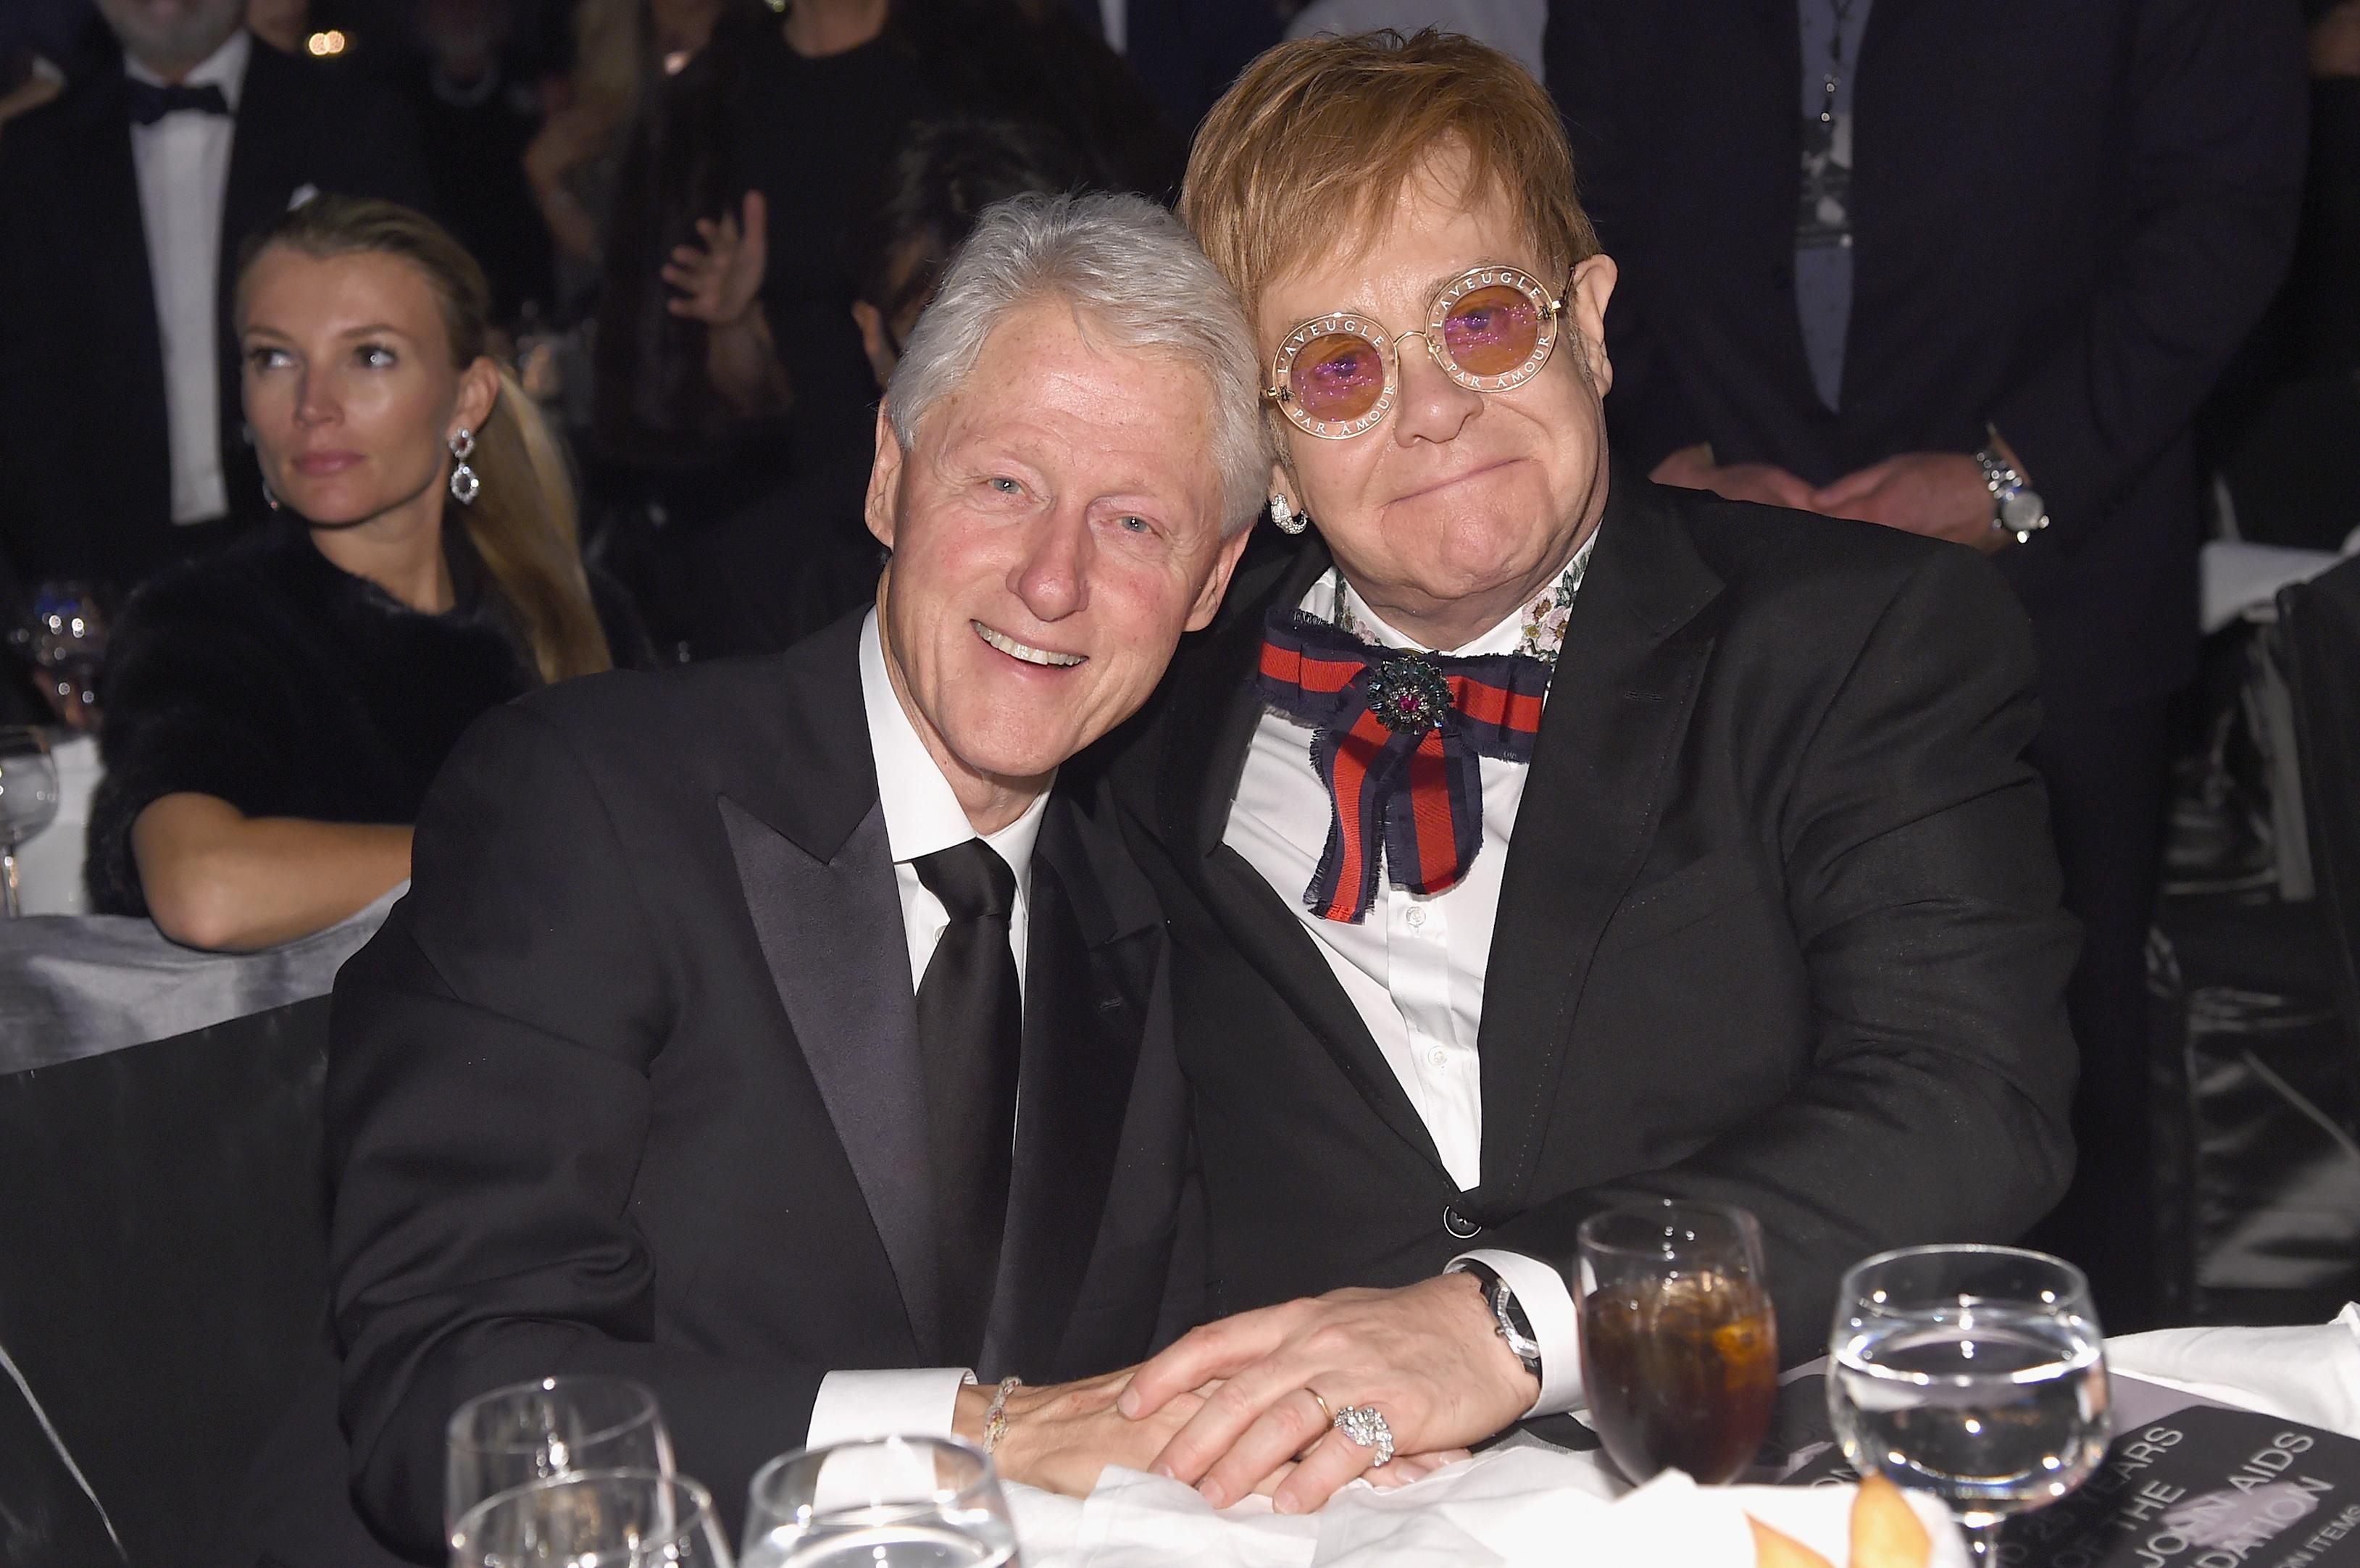 Bill Clinton és Neil Patrick Harris is fellépett Elton John buliján, ahol az AIDS elleni küzdelemre gyűjtöttek